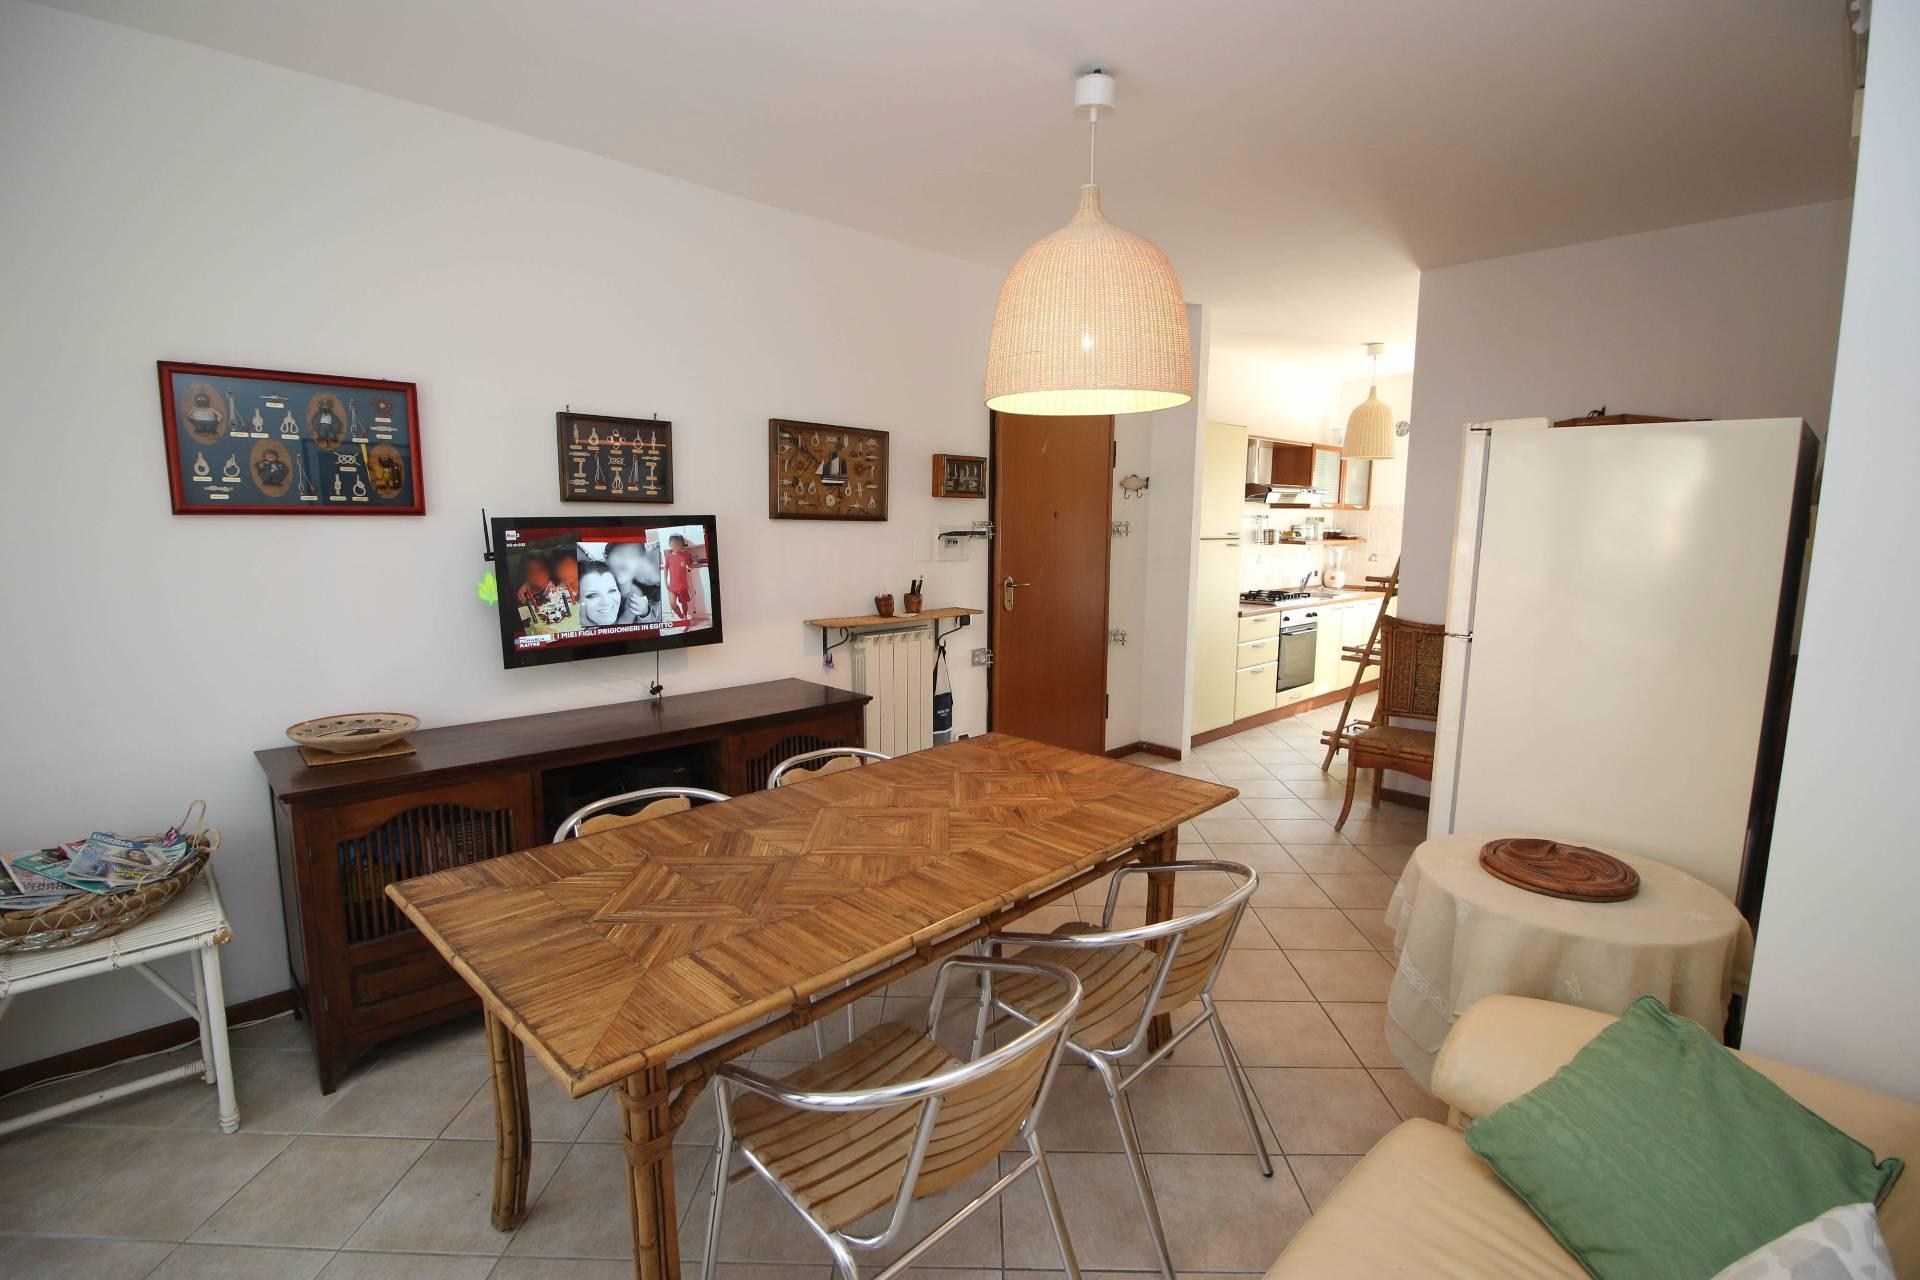 Appartamento in vendita a Alba Adriatica, 3 locali, zona Località: ZonaMare, prezzo € 160.000 | CambioCasa.it